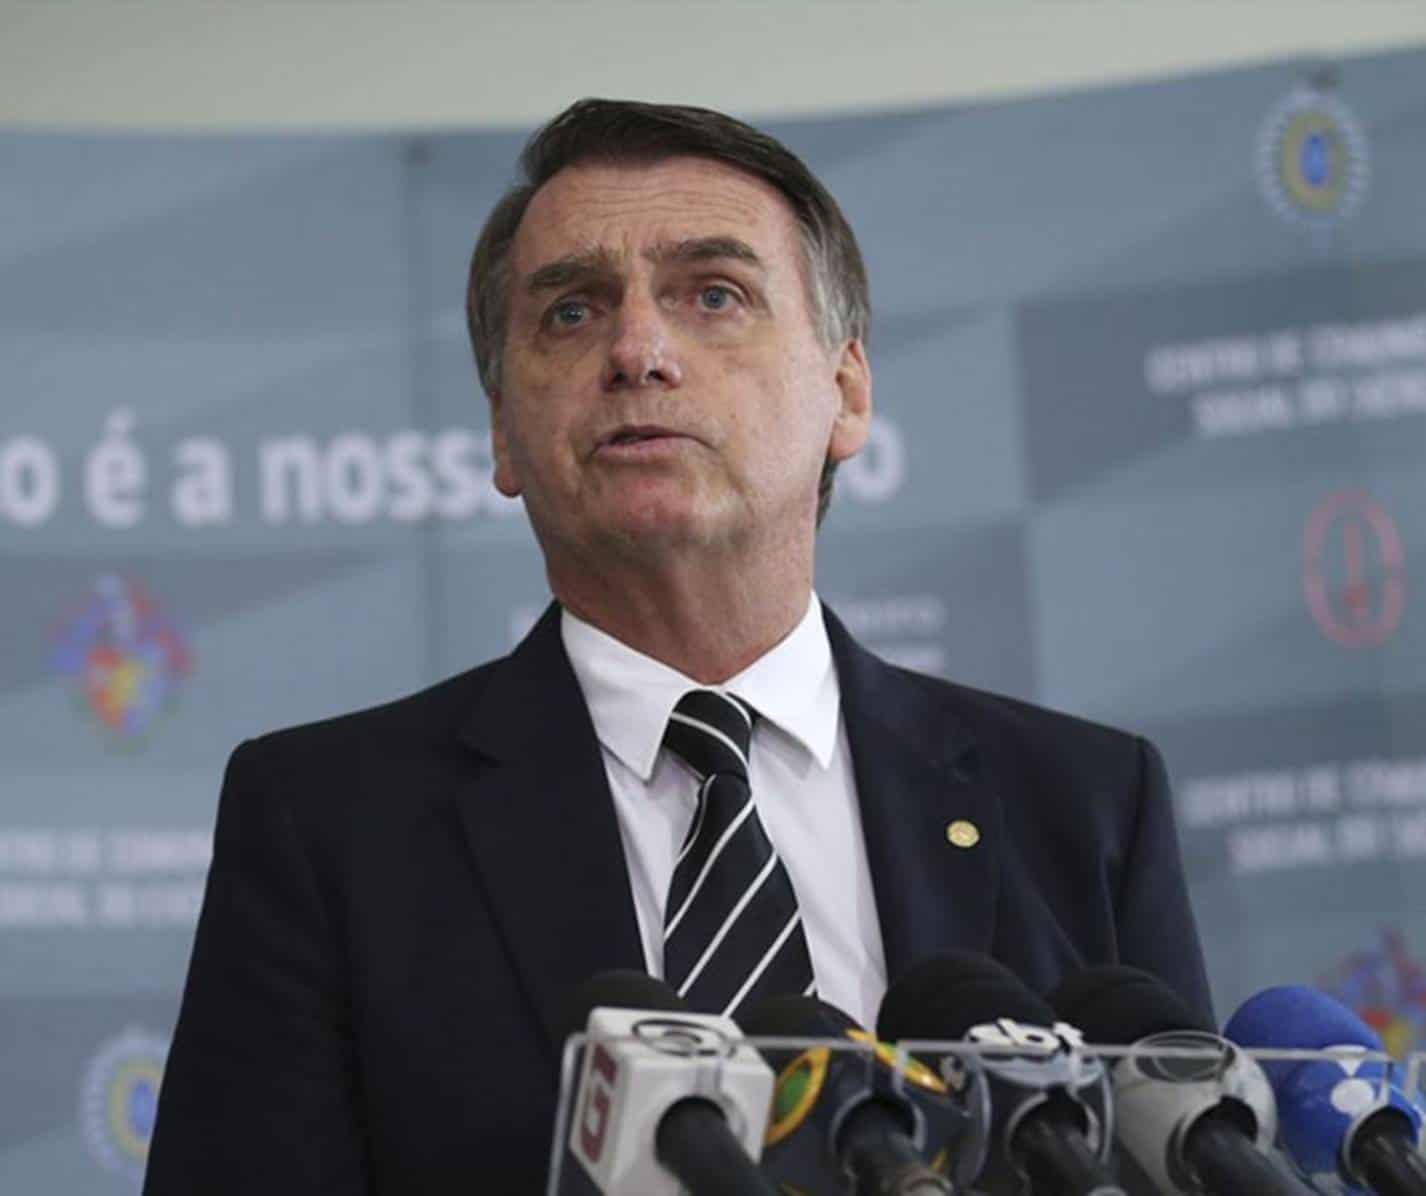 Probabilidade de Bolsonaro sair do PSL é de 80% e de criar um novo partido é de 90%